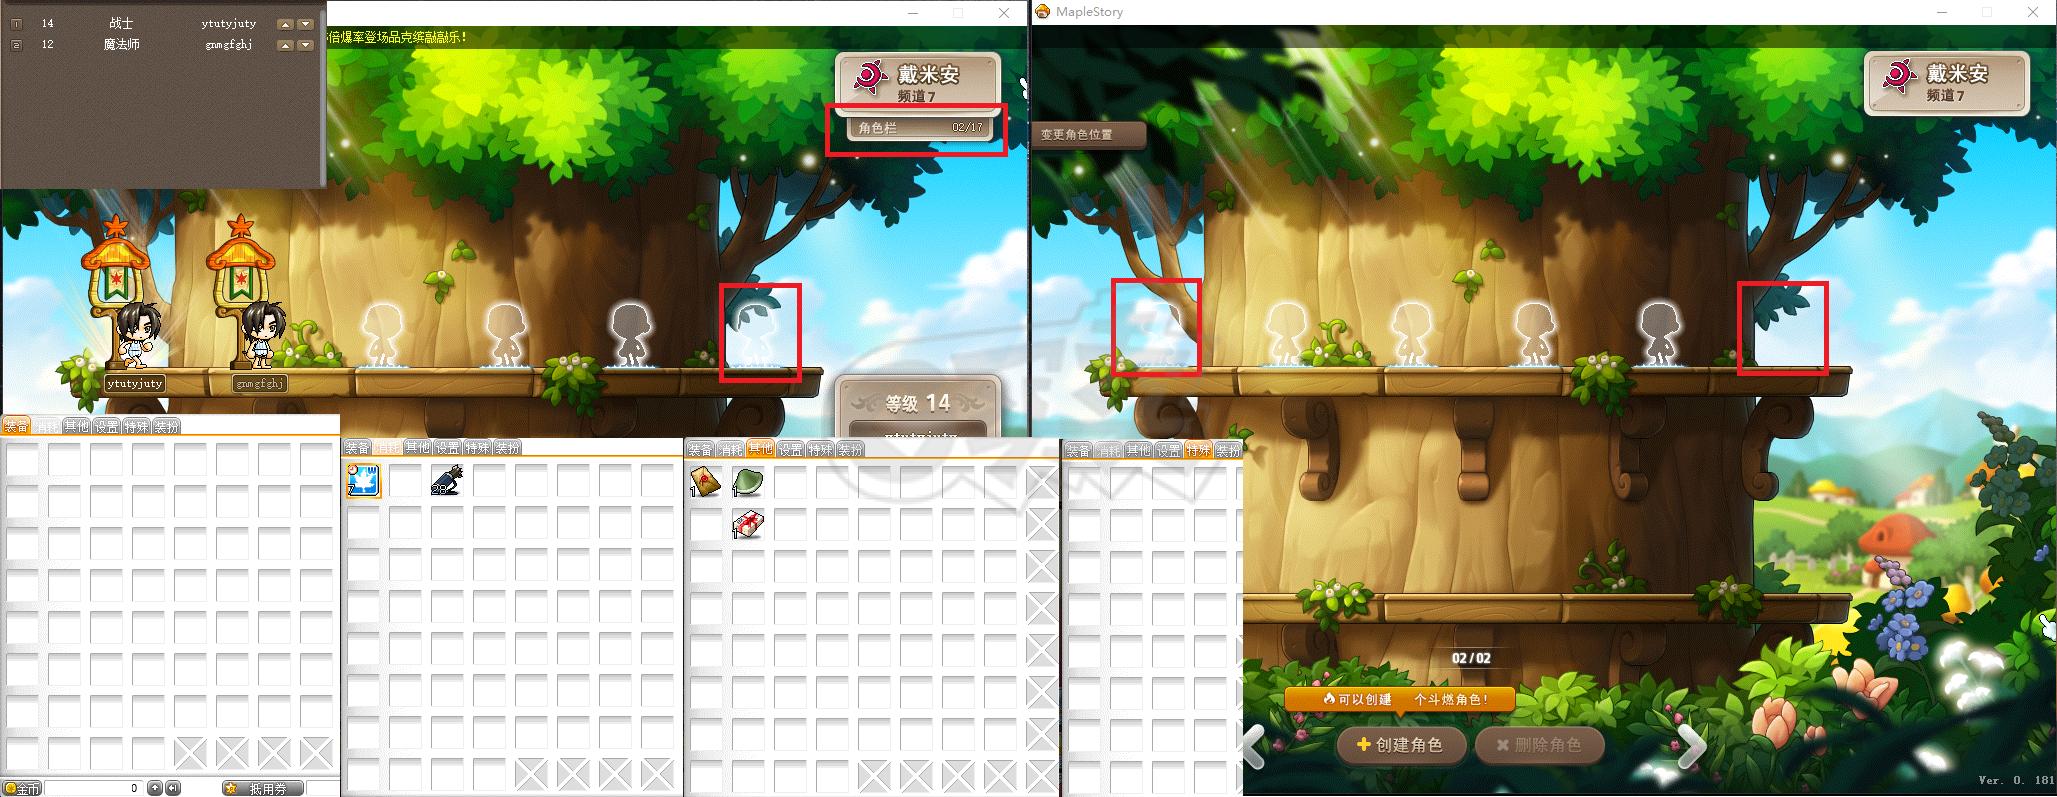 冒险岛-账号-[战士14级]17角色位大背包可以交易老帐号30分钟后可修改账号信息